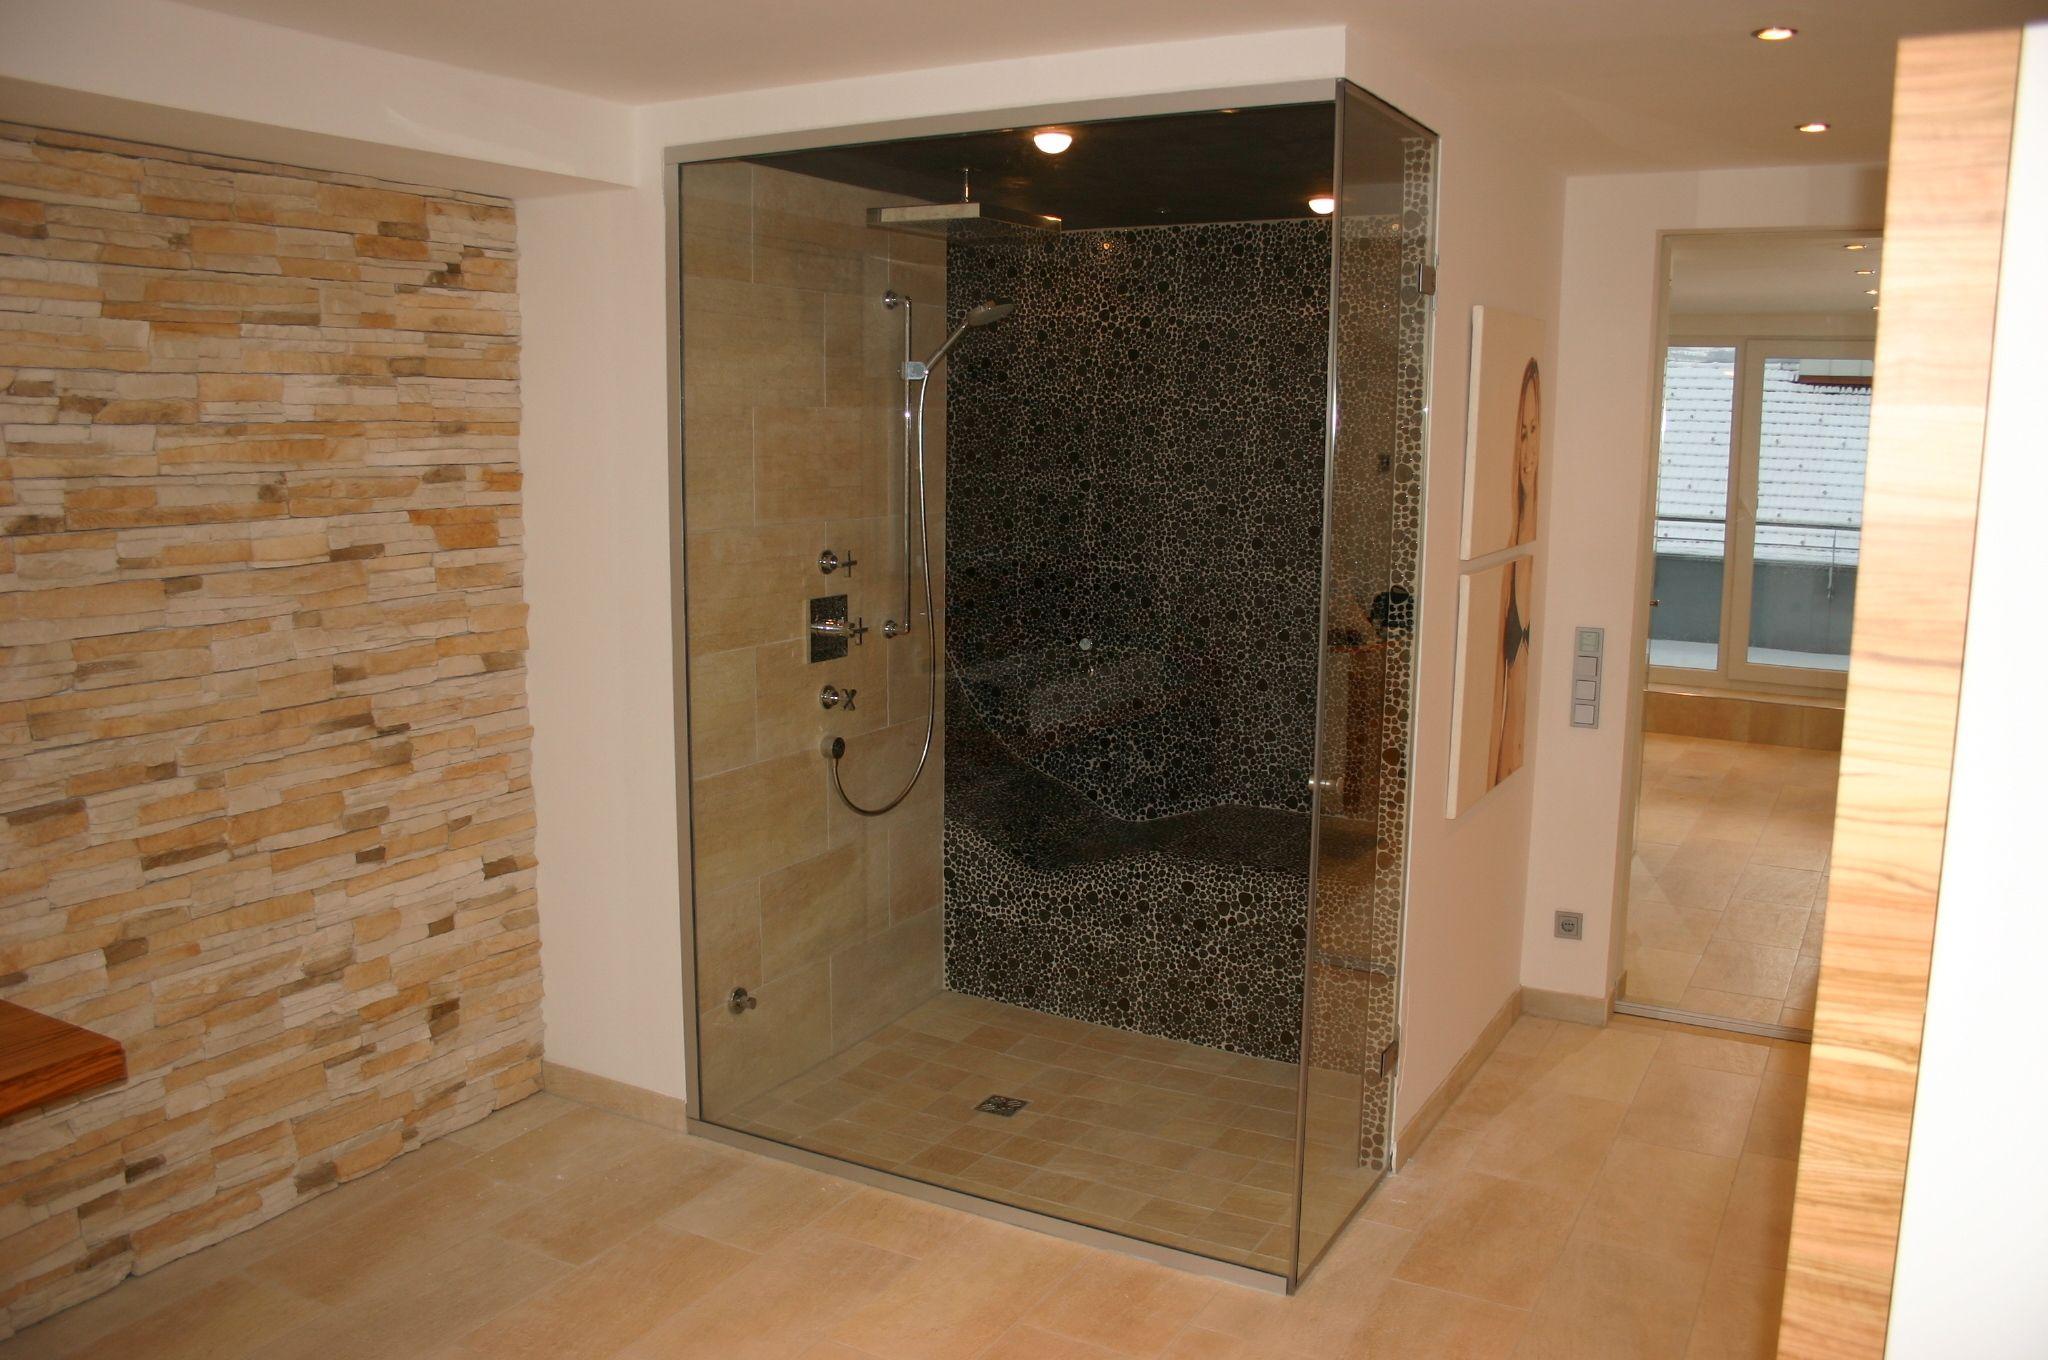 Badezimmerdesign mit jacuzzi steam shower with heated lounger inside dampfbad mit integrierter